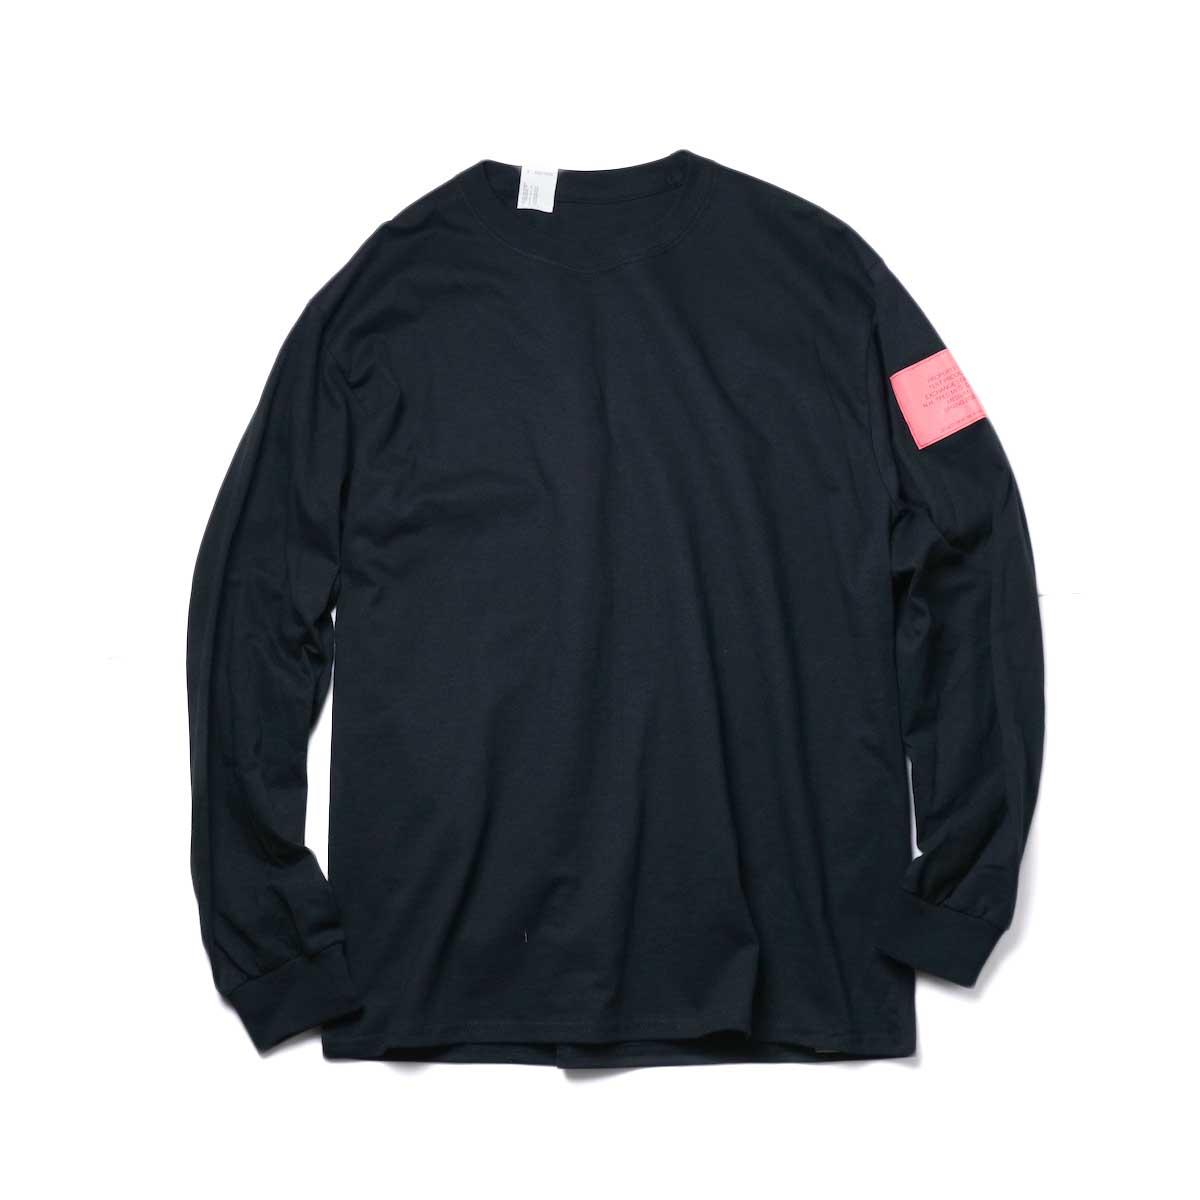 N.HOOLYWOOD / 9211-CS82 pieces CREW NECK LONG SLEEVE T-SHIRT (Black)